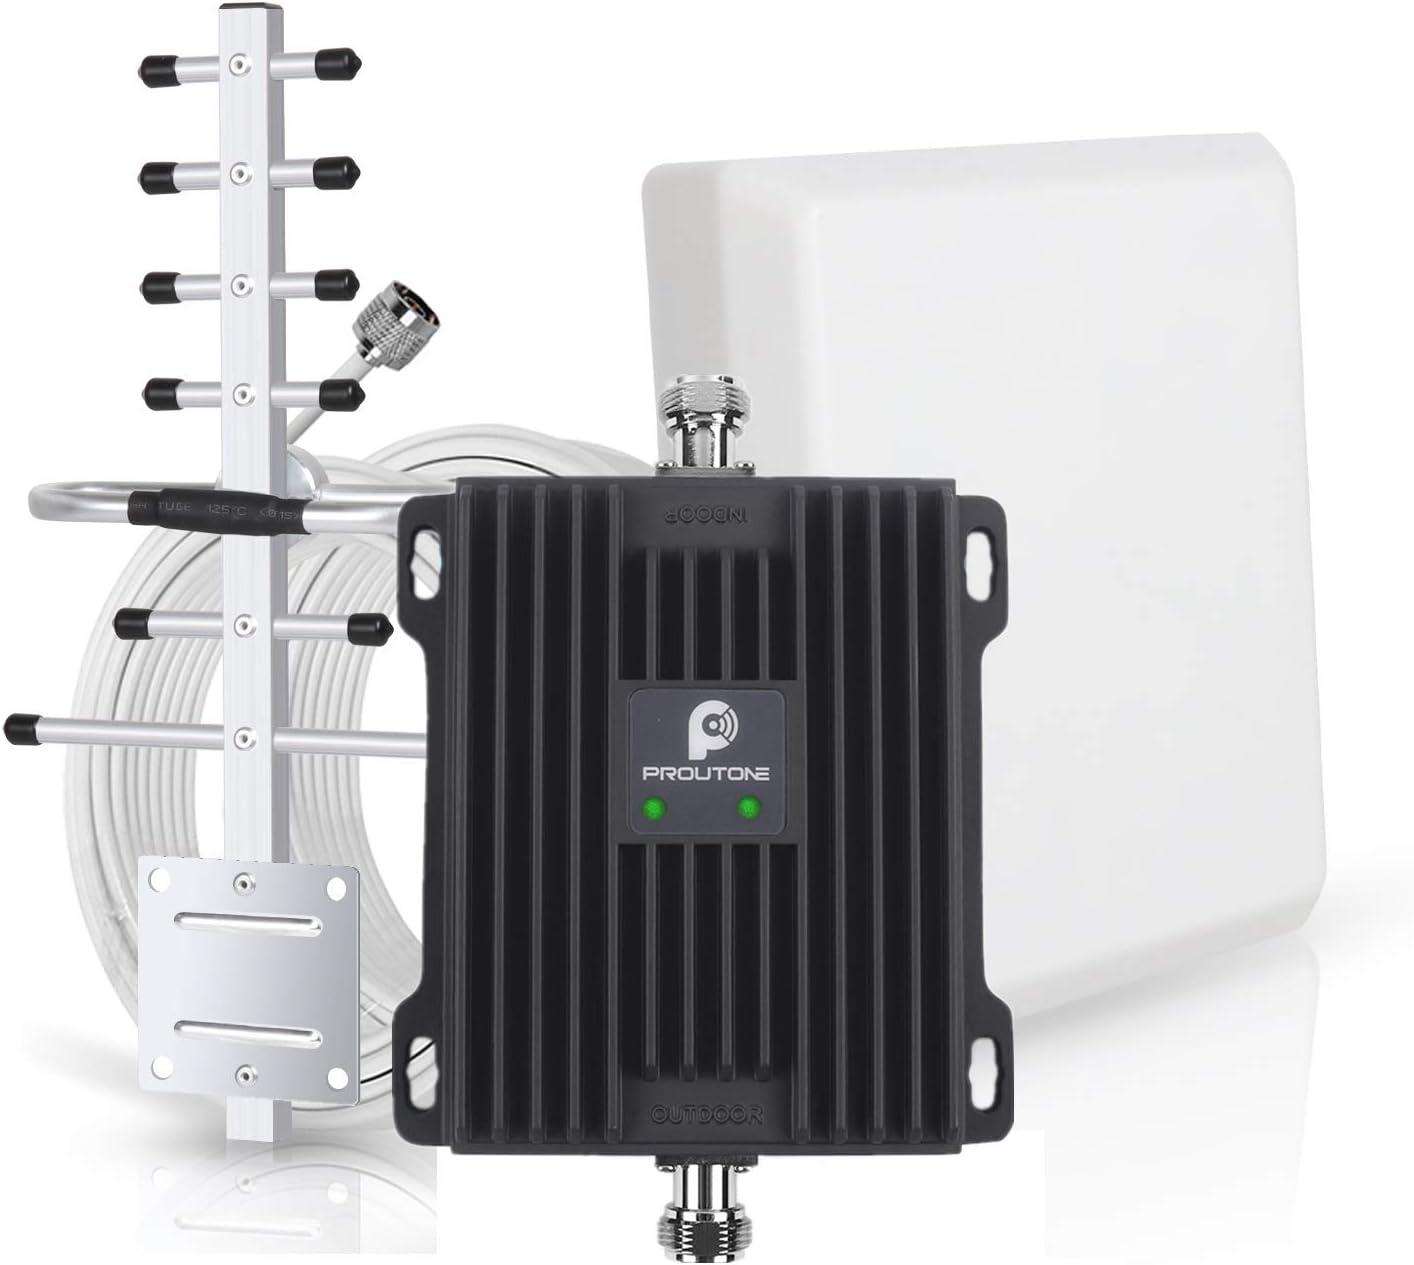 Amplificador de Señal Banda Dual gsm 900MHz 3G WCDMA 2100MHz con Panel Antena Interior y Yagi Antena Exterior con Cable de 10m para Uso de Edificios, ...